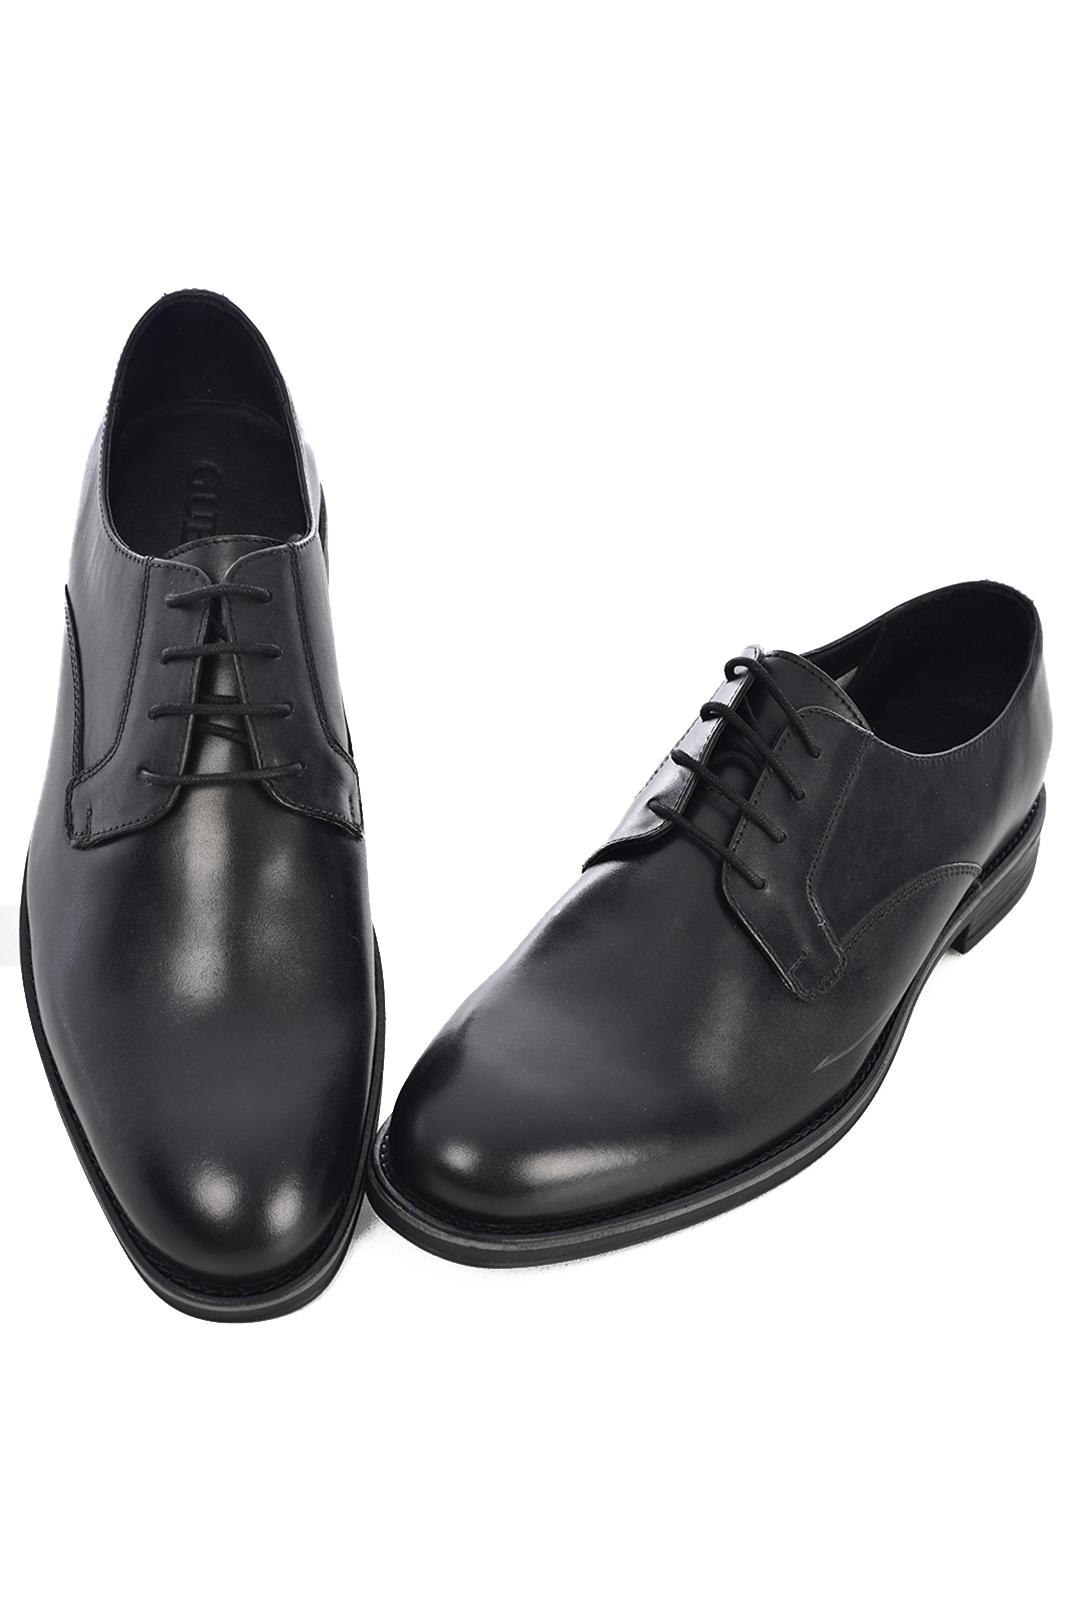 Chaussures de ville  Guess jeans FMCLA1LEA13 BLACK